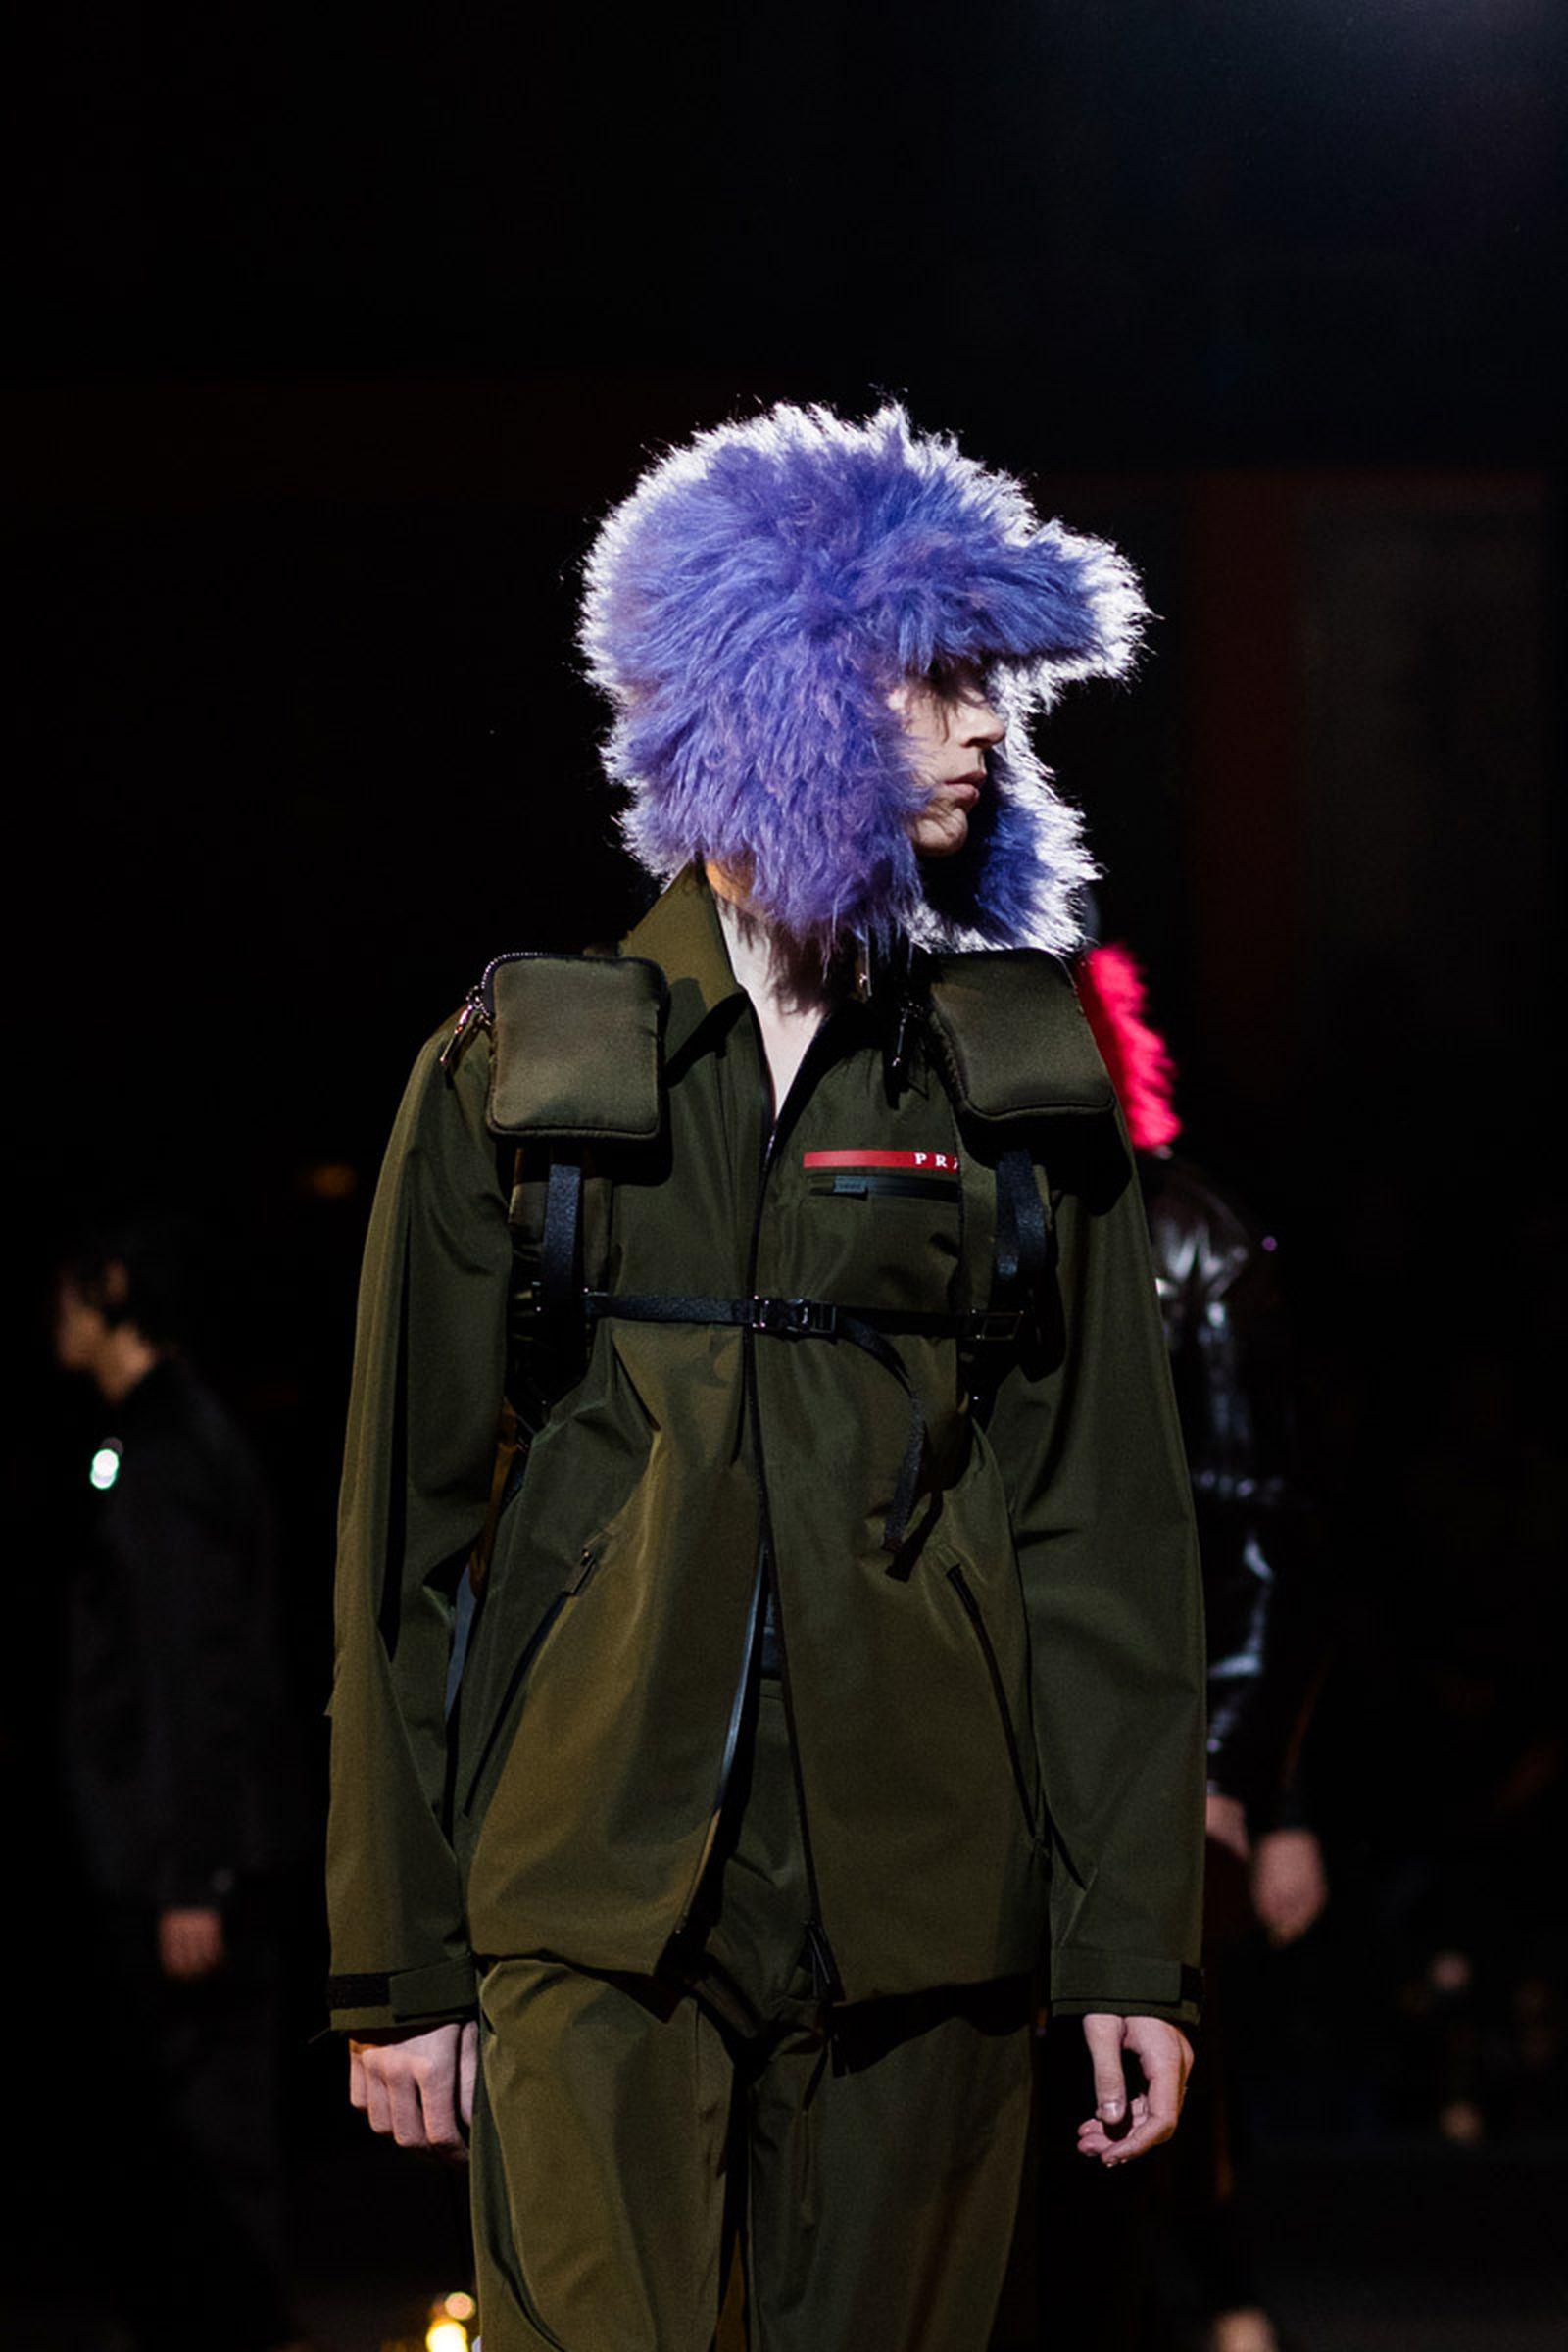 20prada fw19 milan fashion week rumway runway